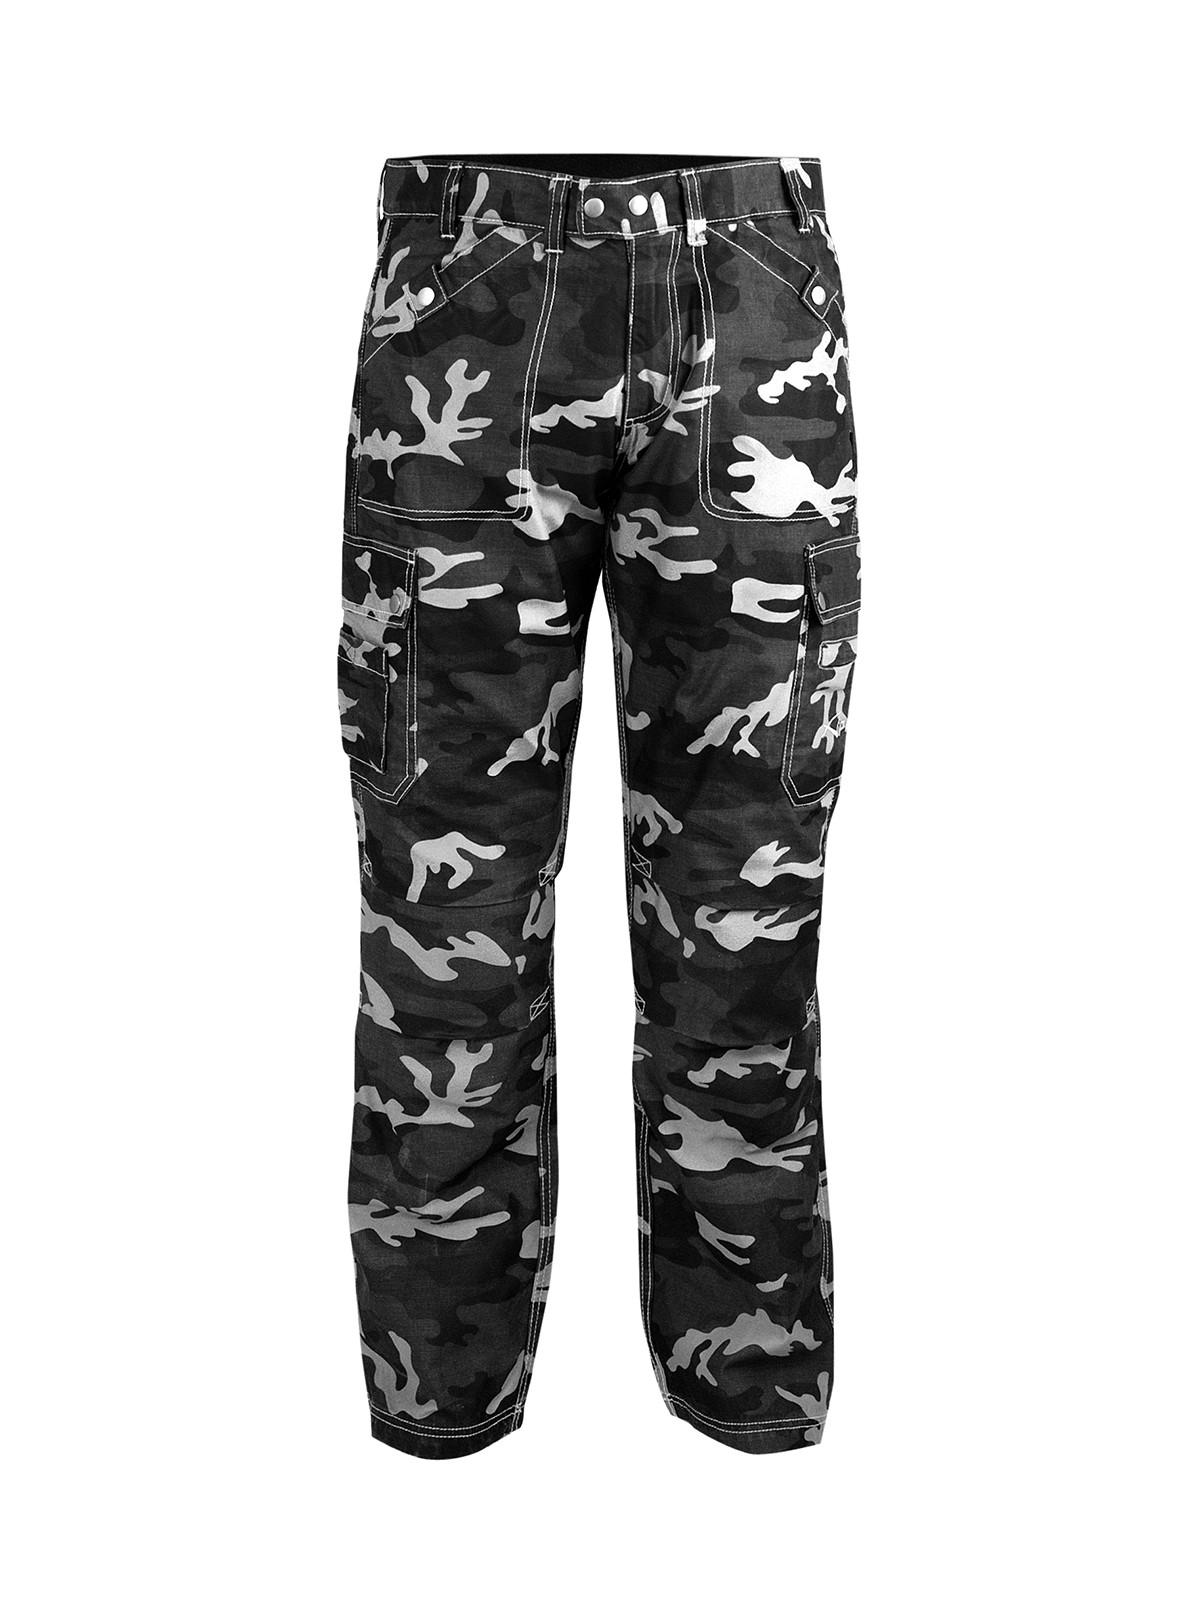 Mantalone Jeans Mimetico Moto Rinforzi Aramid Protezioni CE Tasconi Laterali